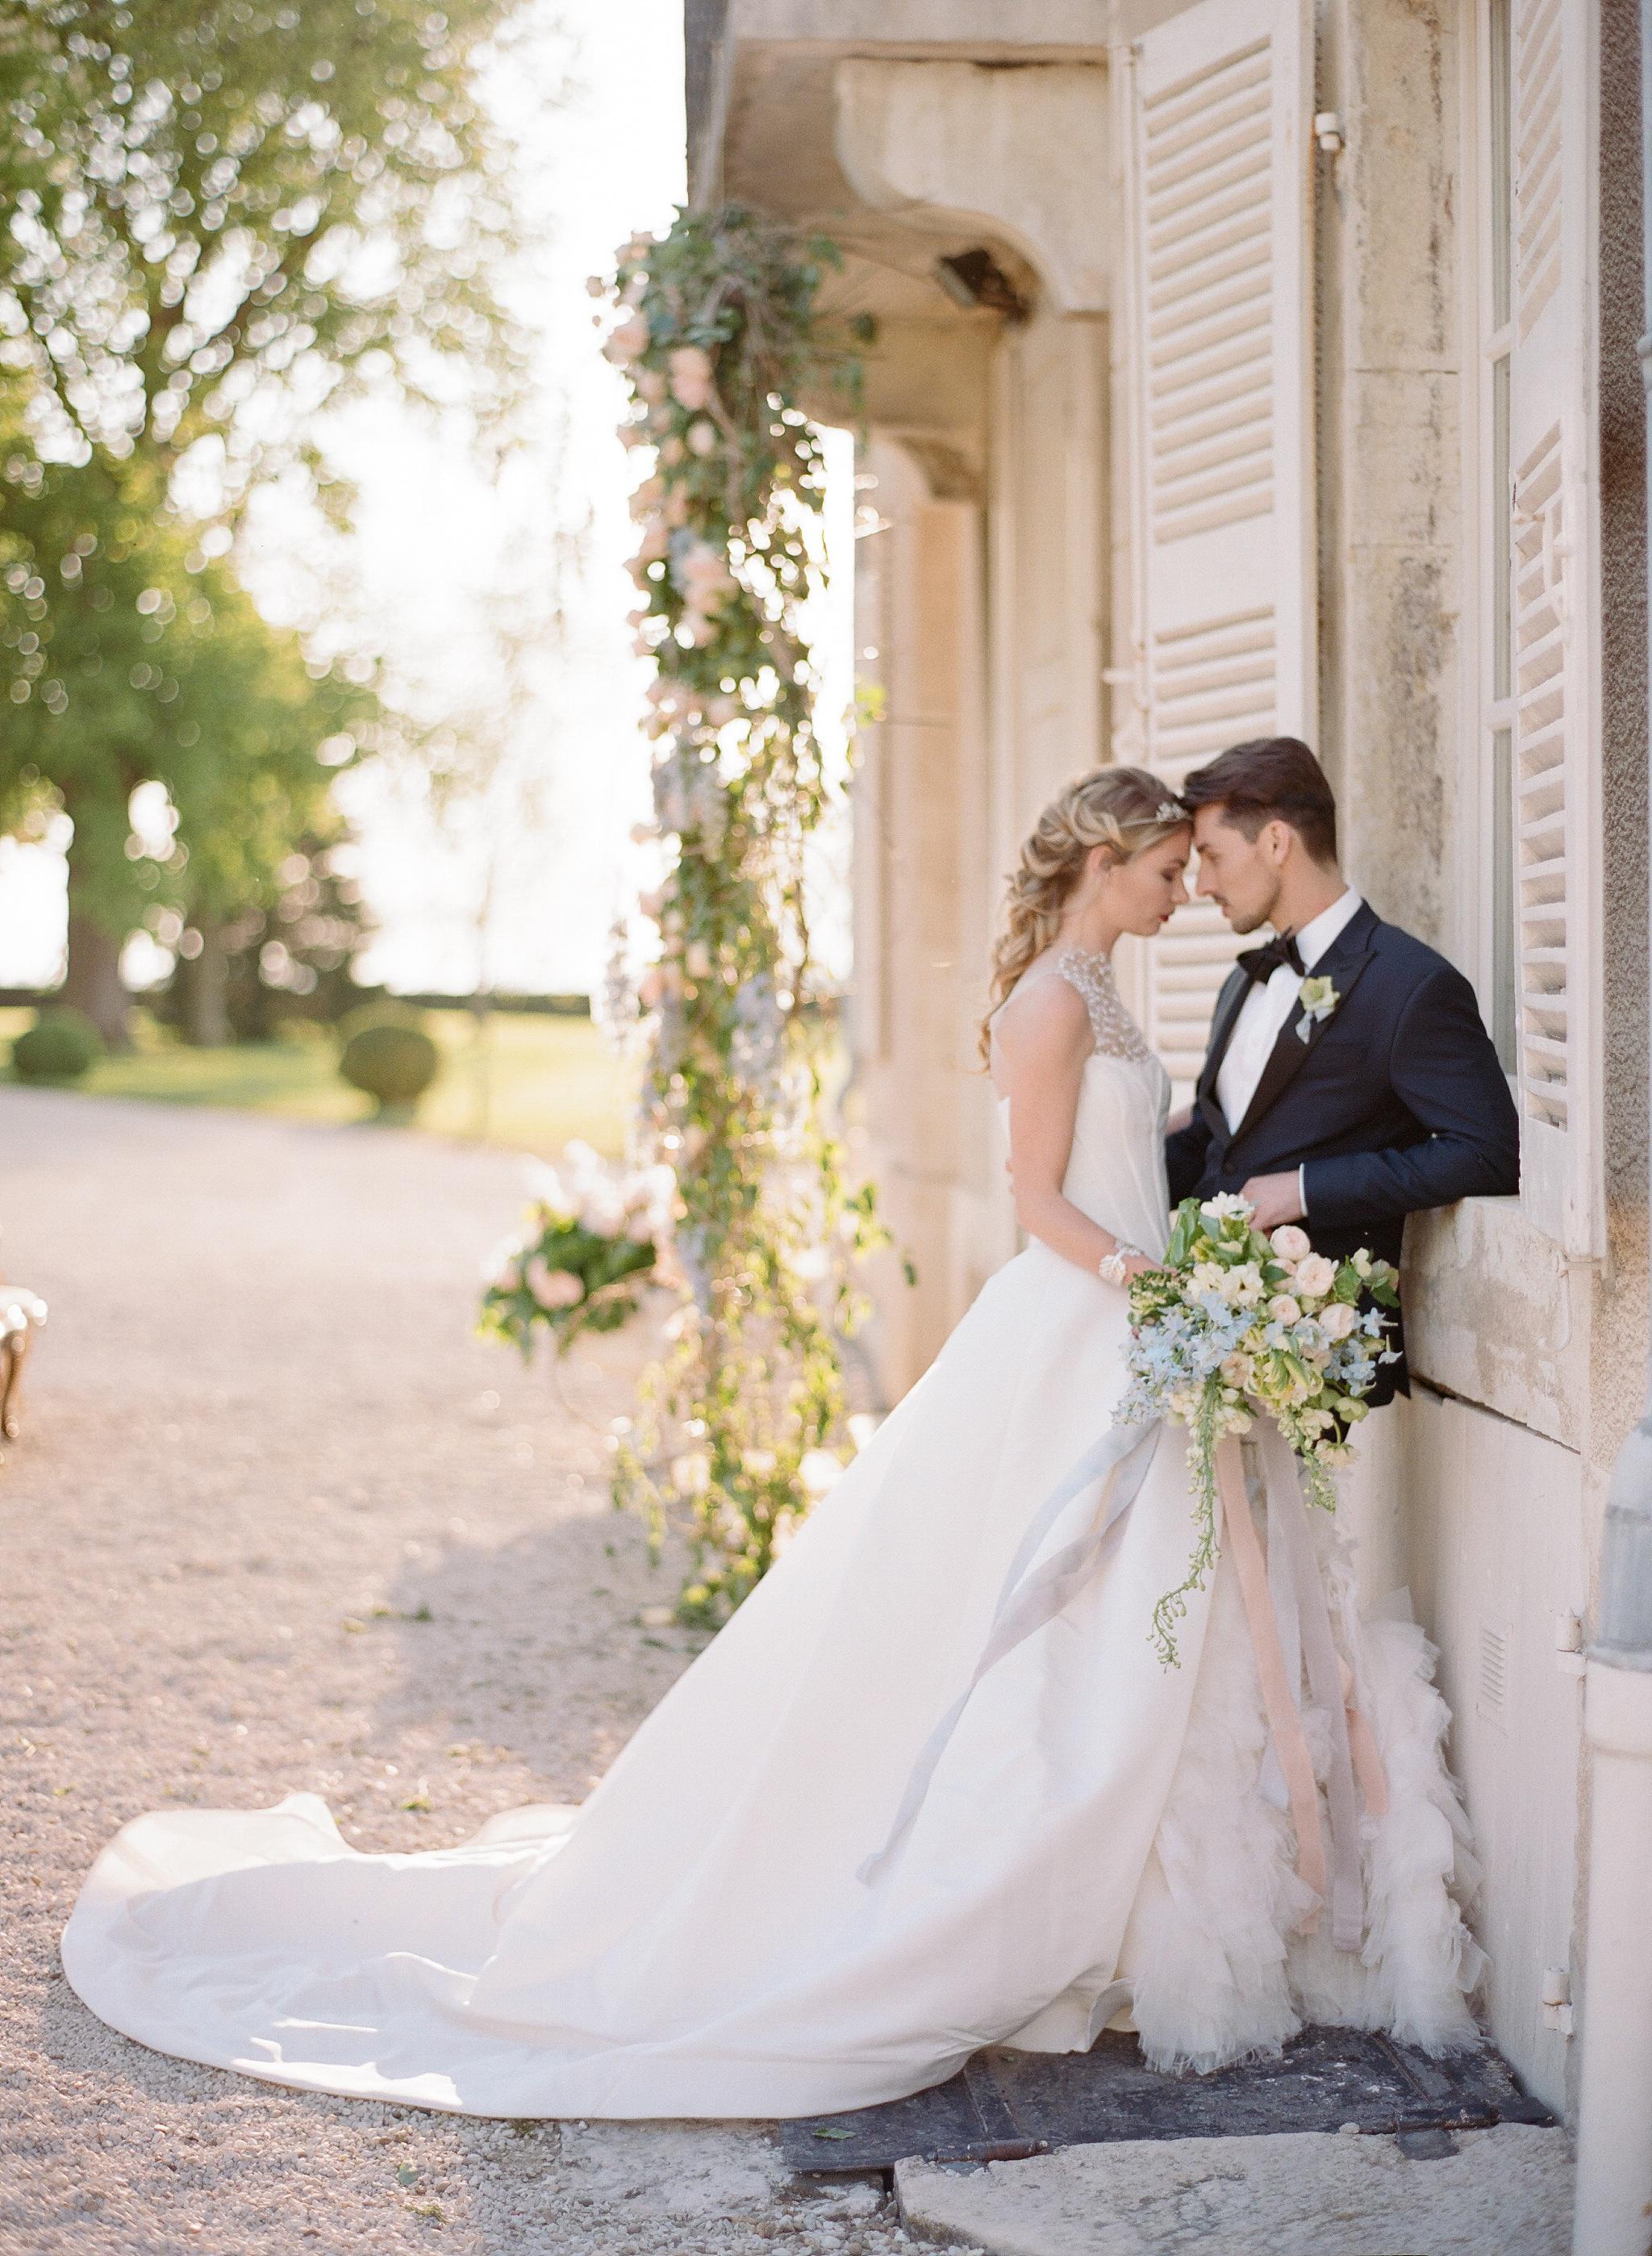 Sylvie-Gil-film-destination-wedding-photography-2017-workshop-chateau-de-varennes-masquerade-burgundy-france-bride-groom-sunset